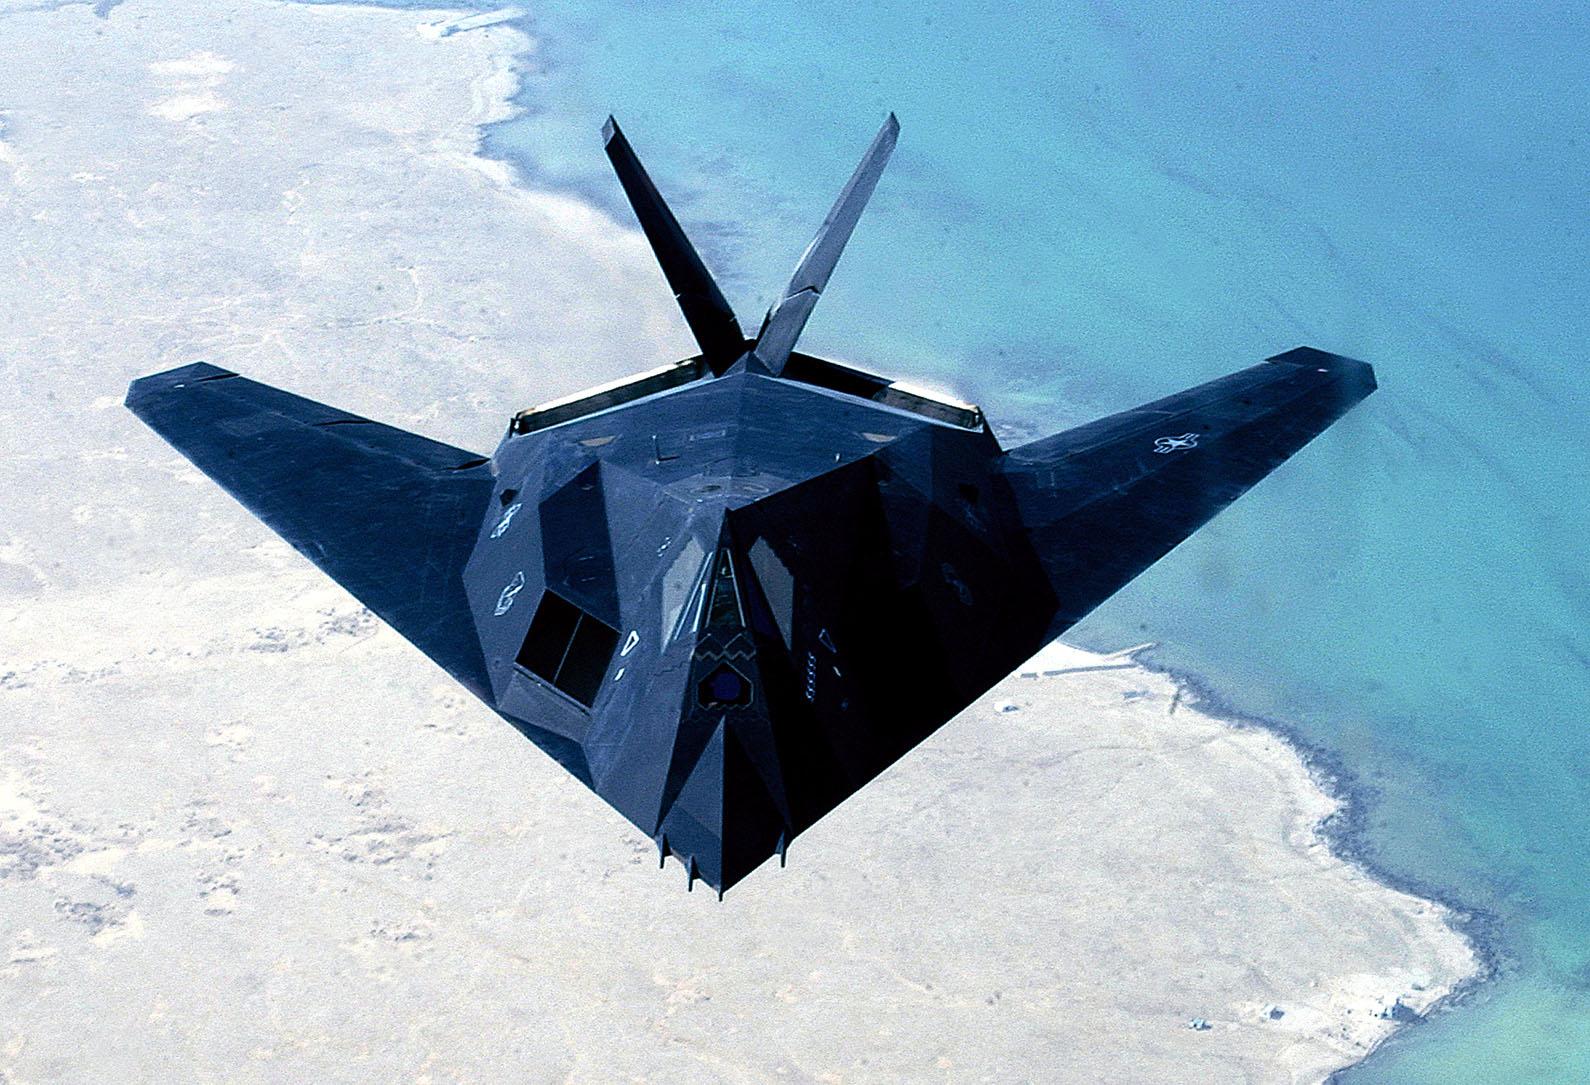 F-117A Nighthawk - F-117A Nighthawk flying over the coastline.